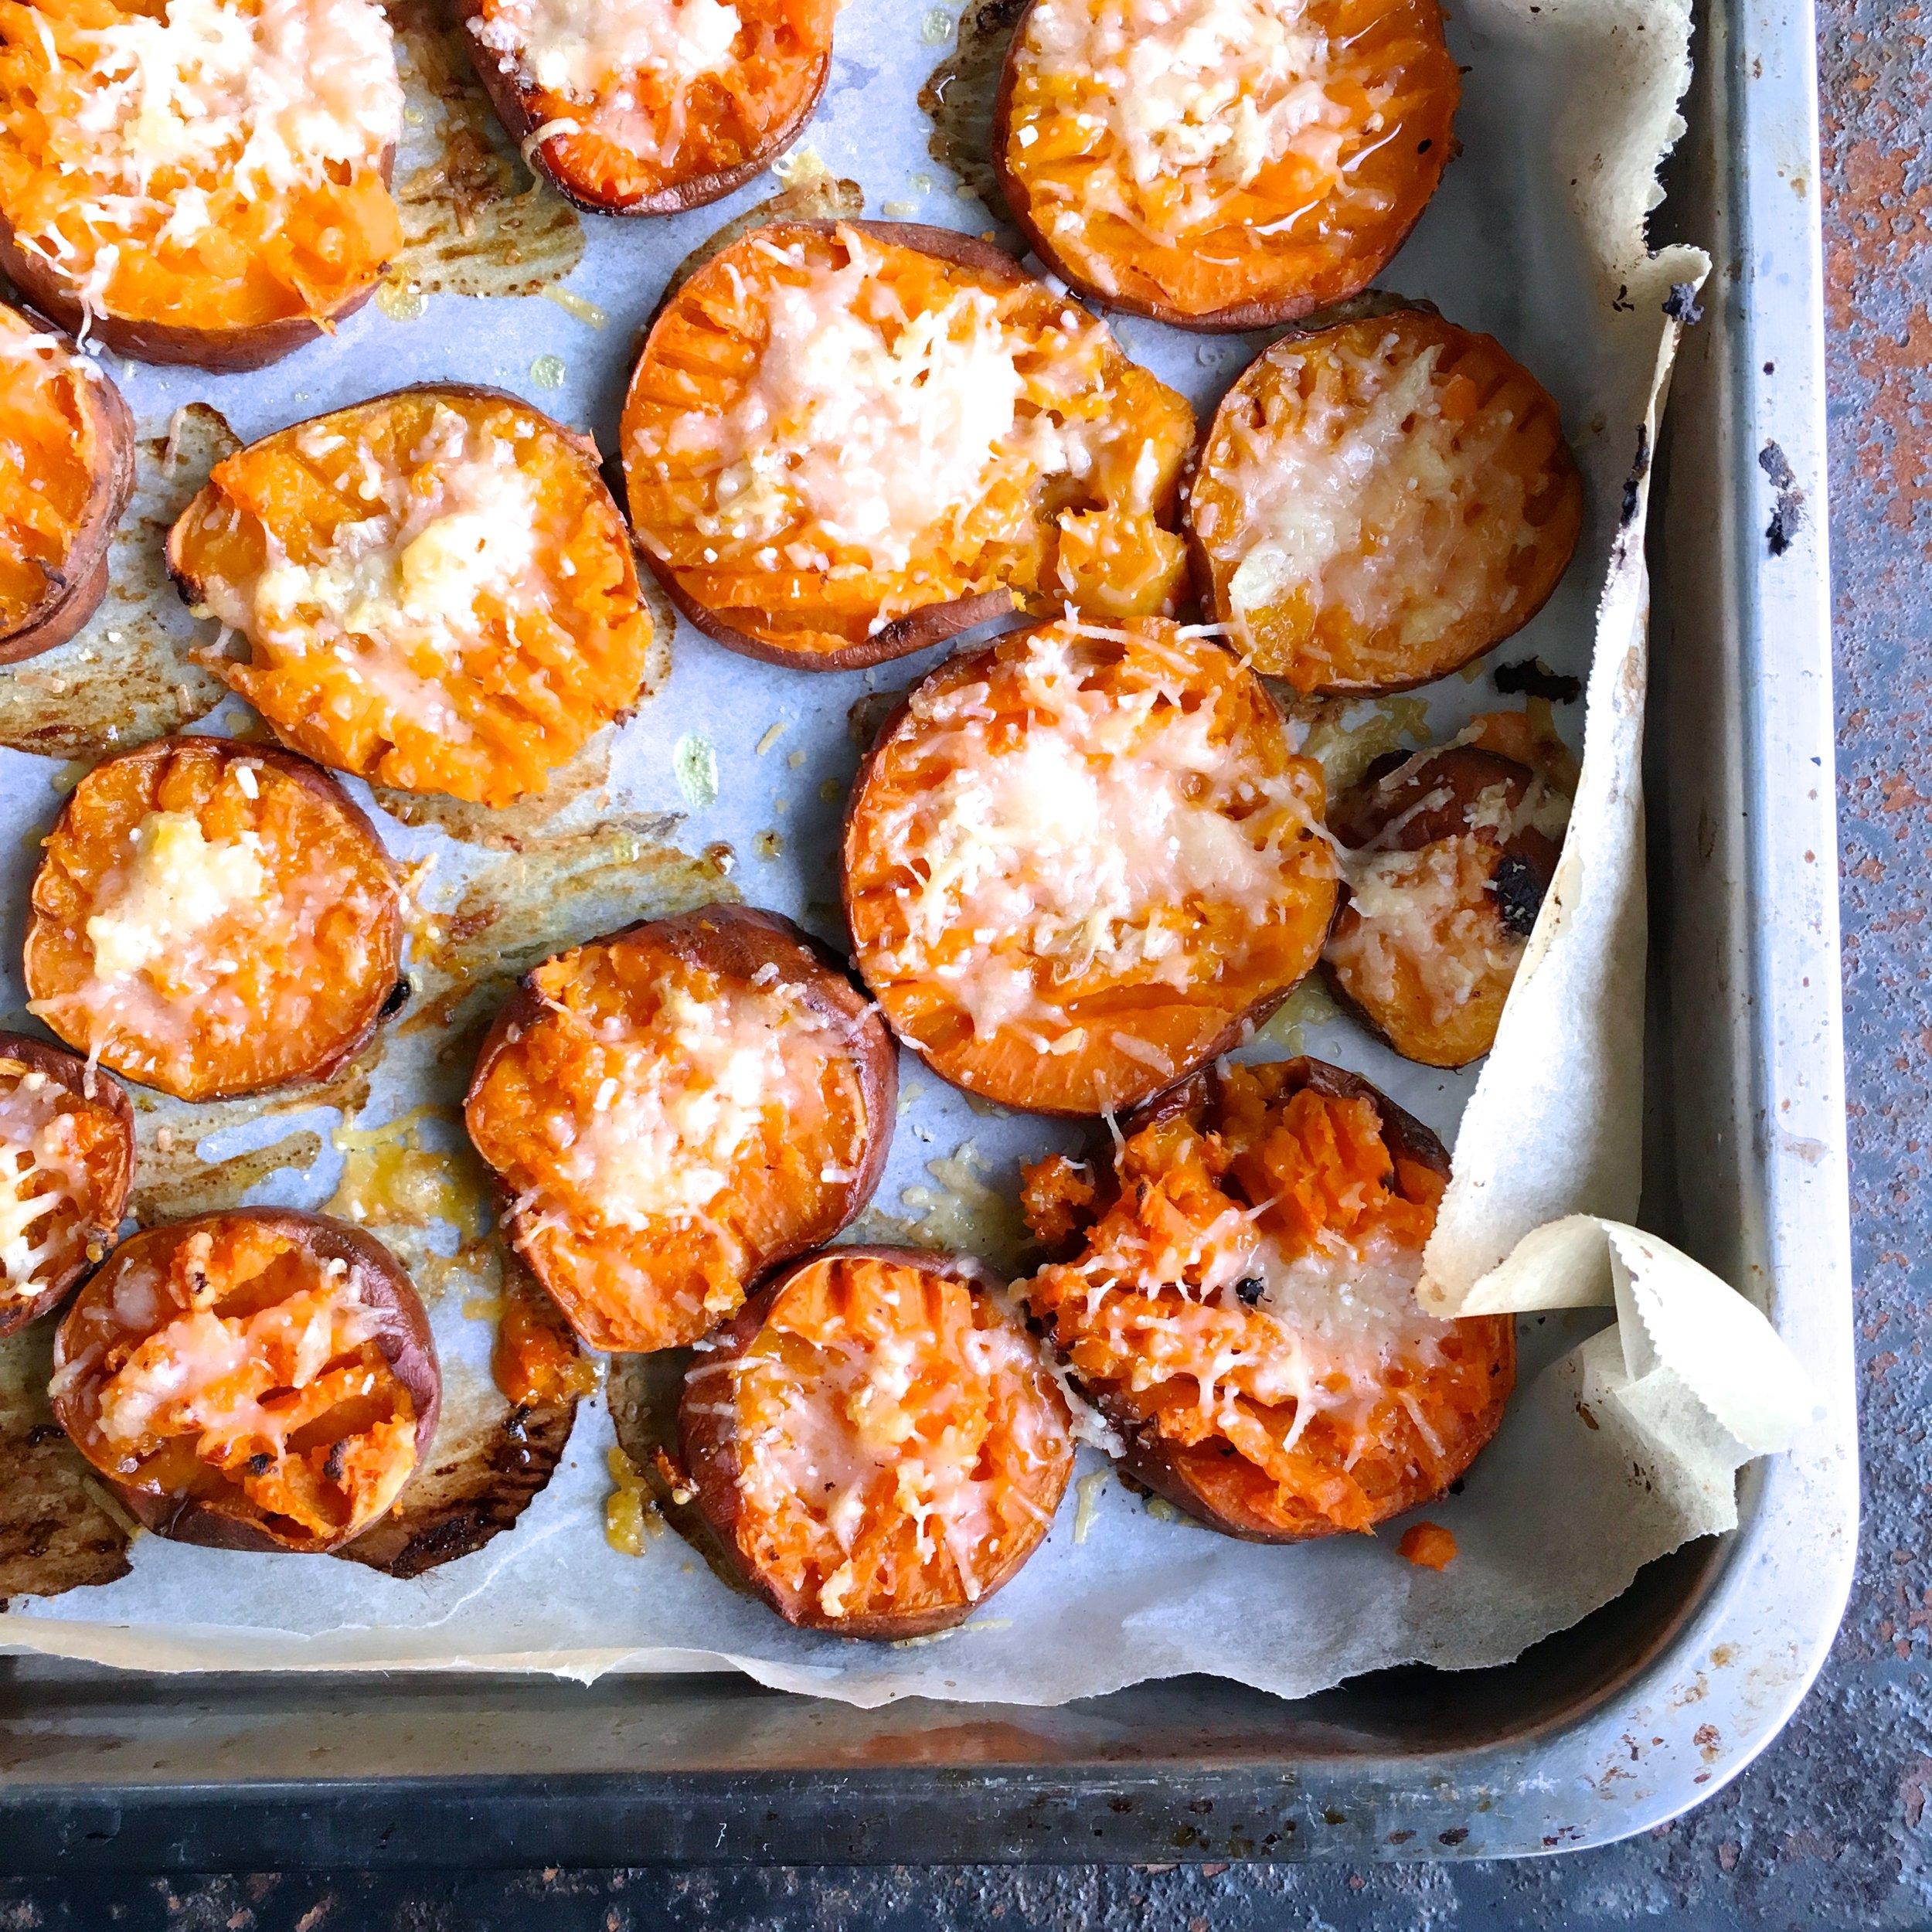 Smashed sweet potato garlic bites